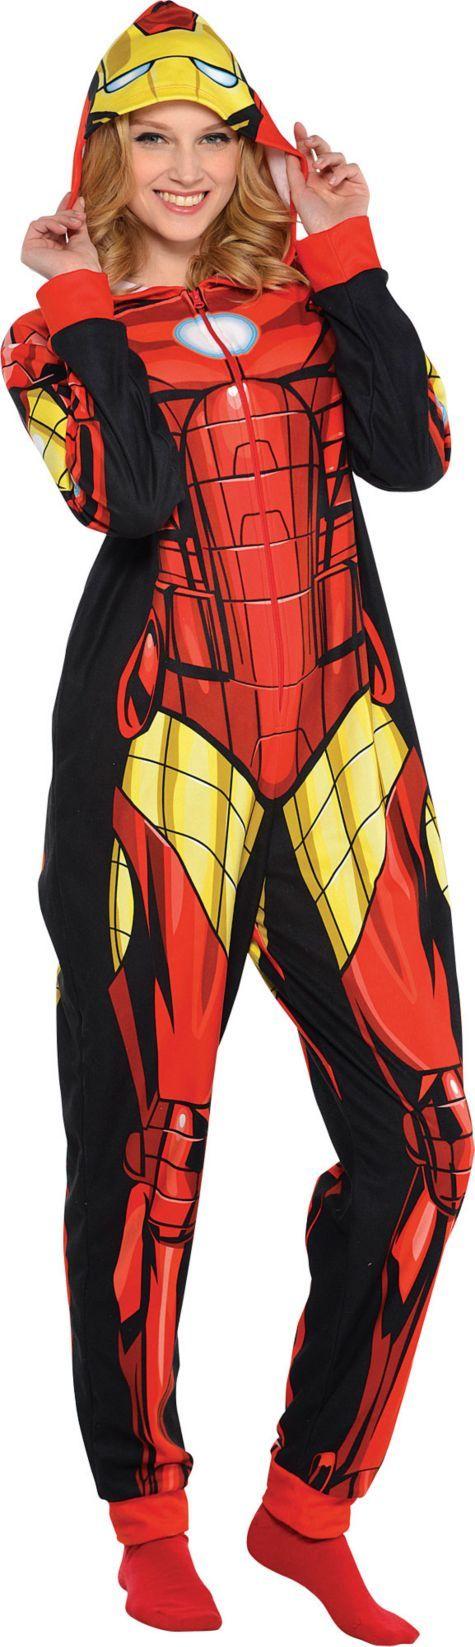 Adult Iron Man One Piece Pajama - Party City I neeed. I need so bad I need